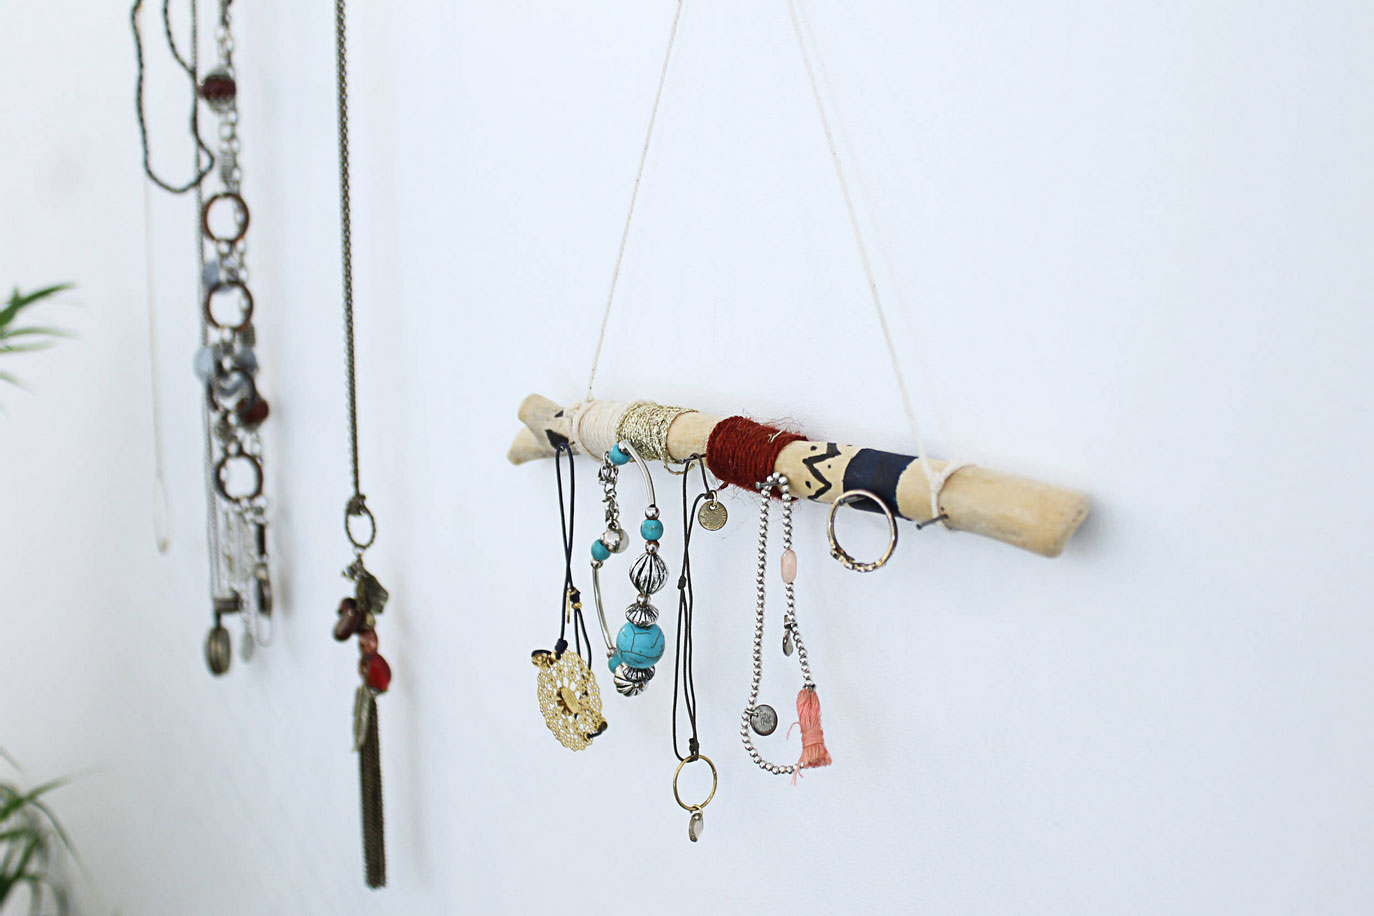 Органайзер для драгоценностей и бижутерии своими руками в стиле этнического минимализма